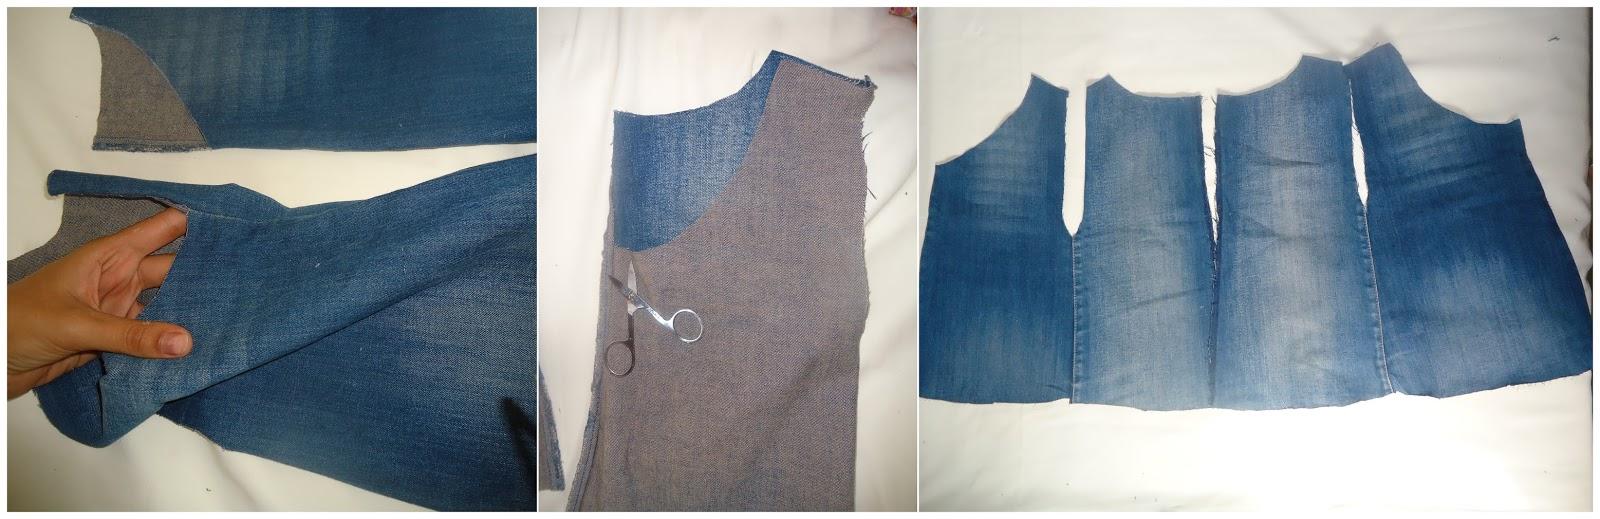 c5d758bdf82c4a Maria Bonita  Cropped de calça jeans  por menos de R  7